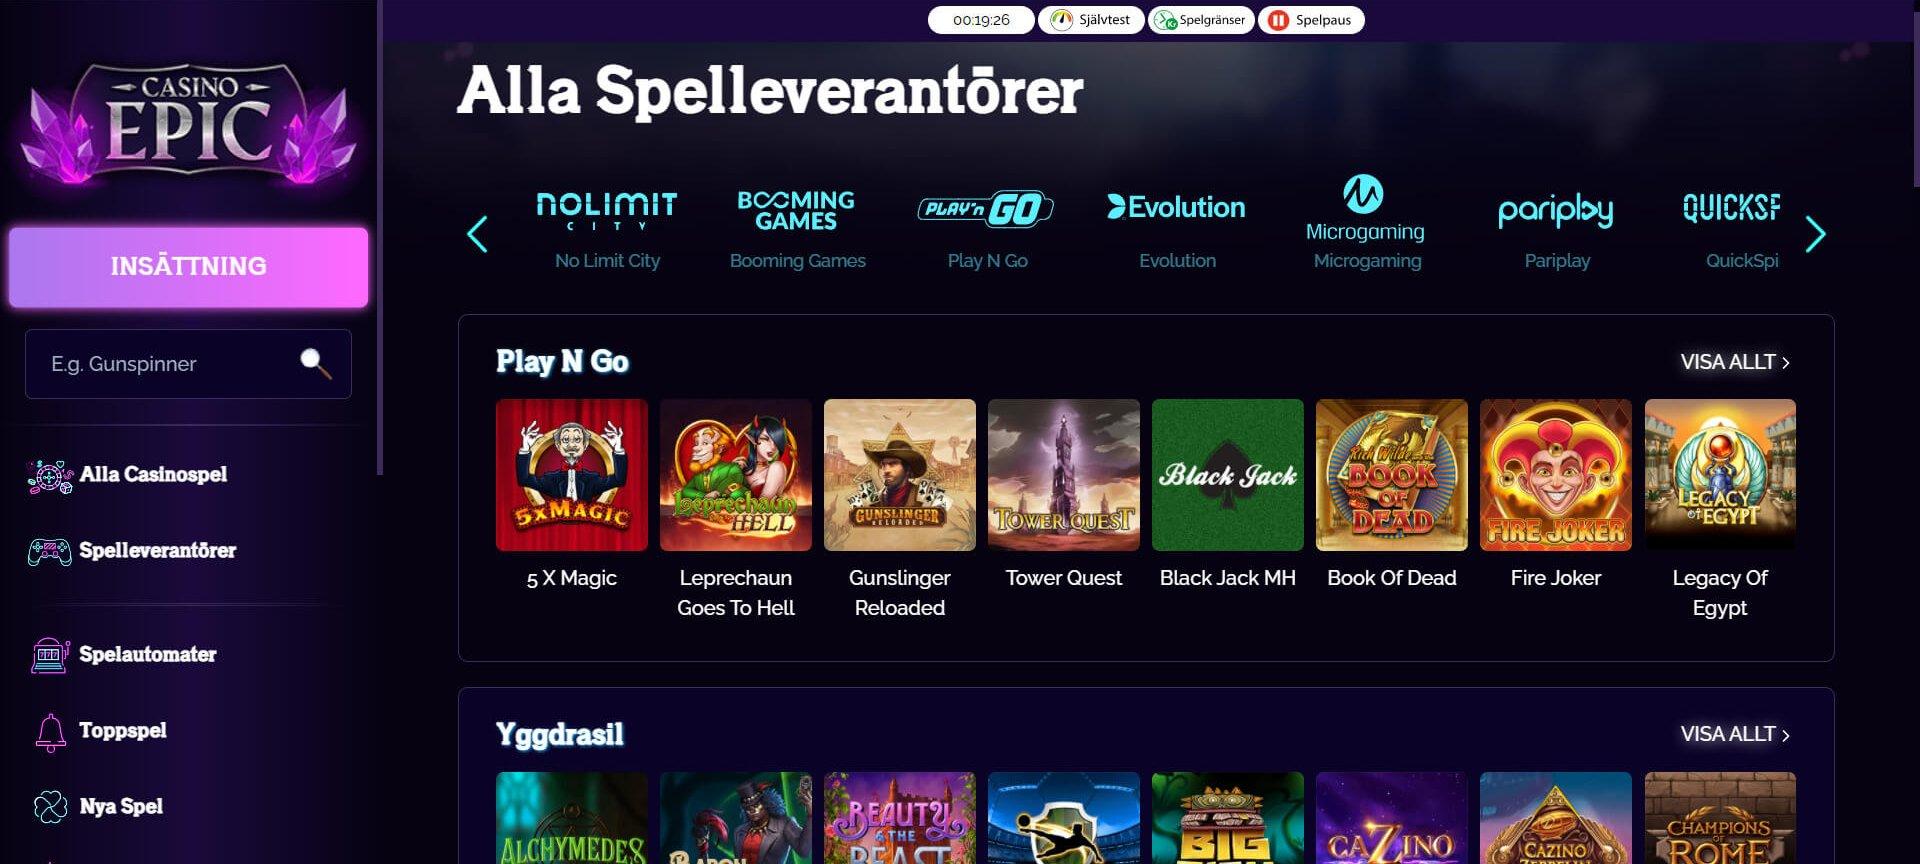 Välkommen till unika Casino Epic!